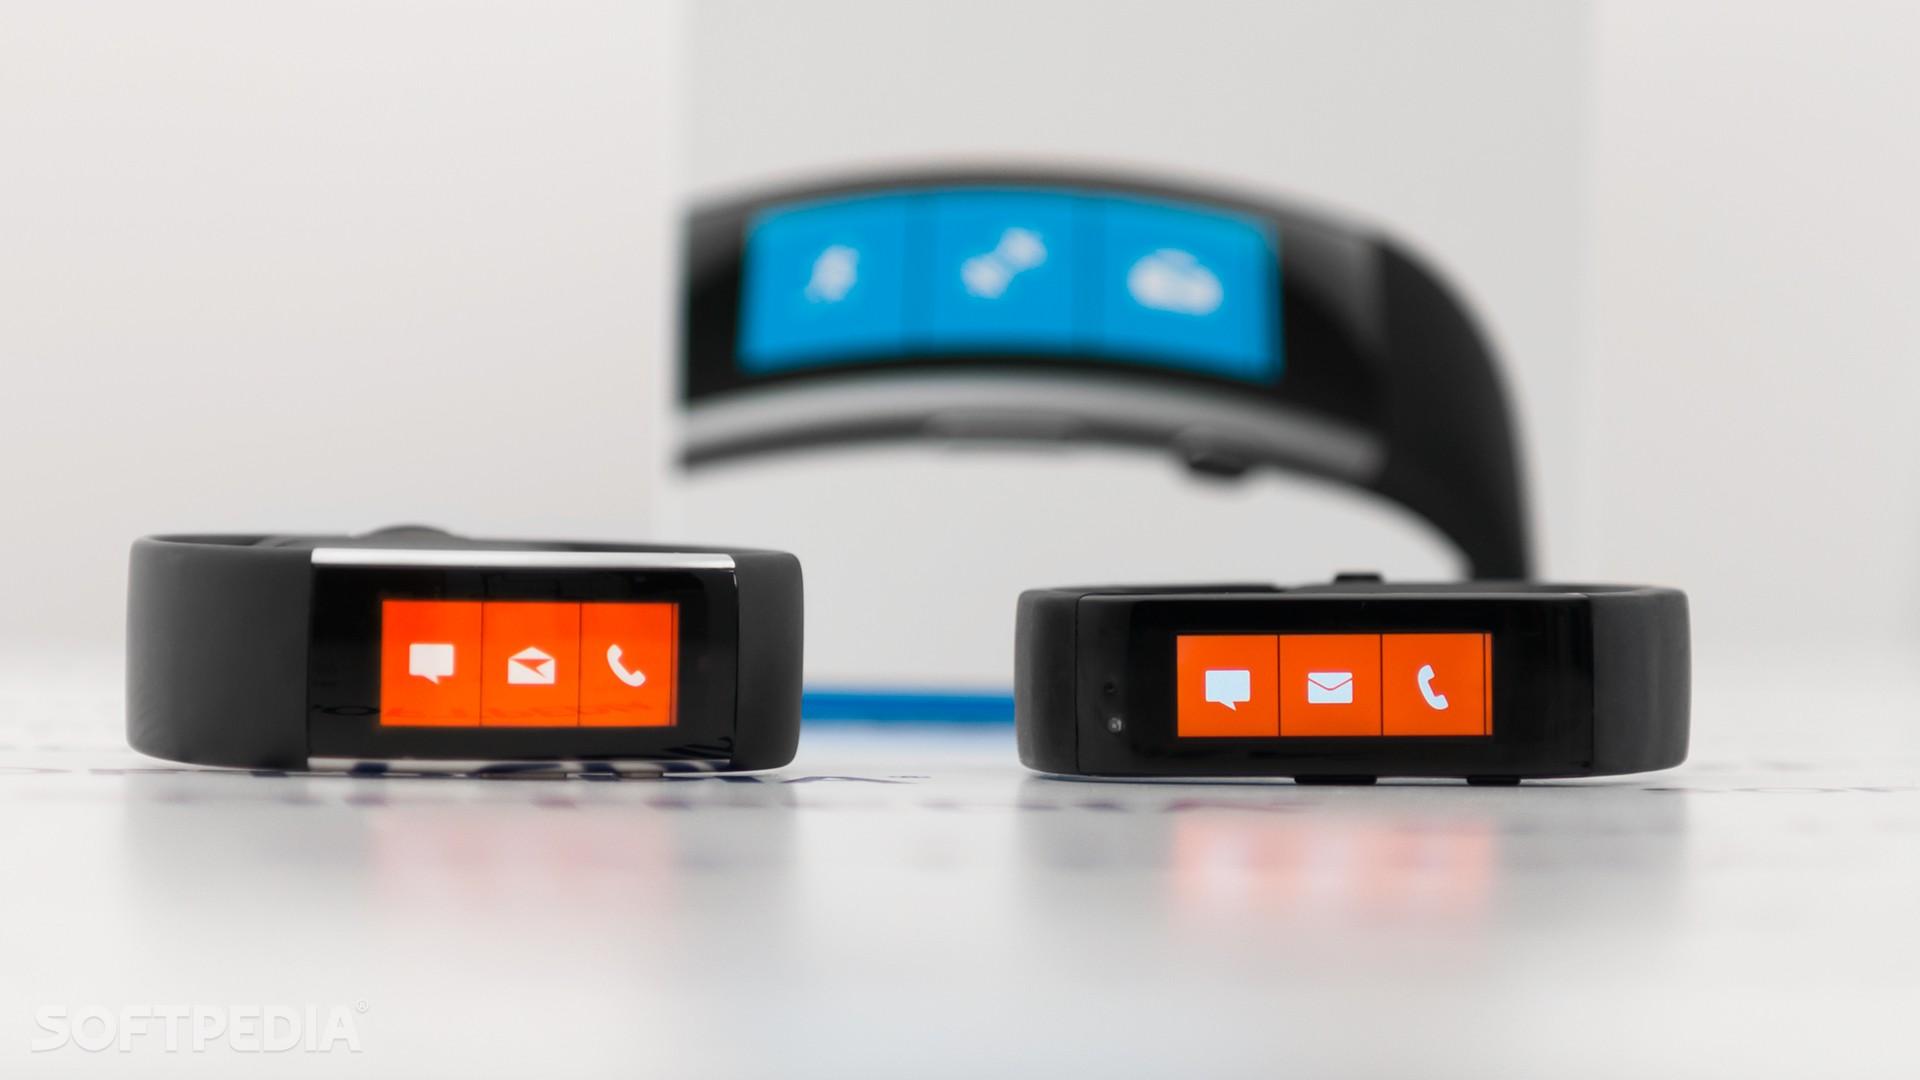 مایکروسافت بند ۳ به تاریخ پیوست، ساعت هوشمند جدید در راه است